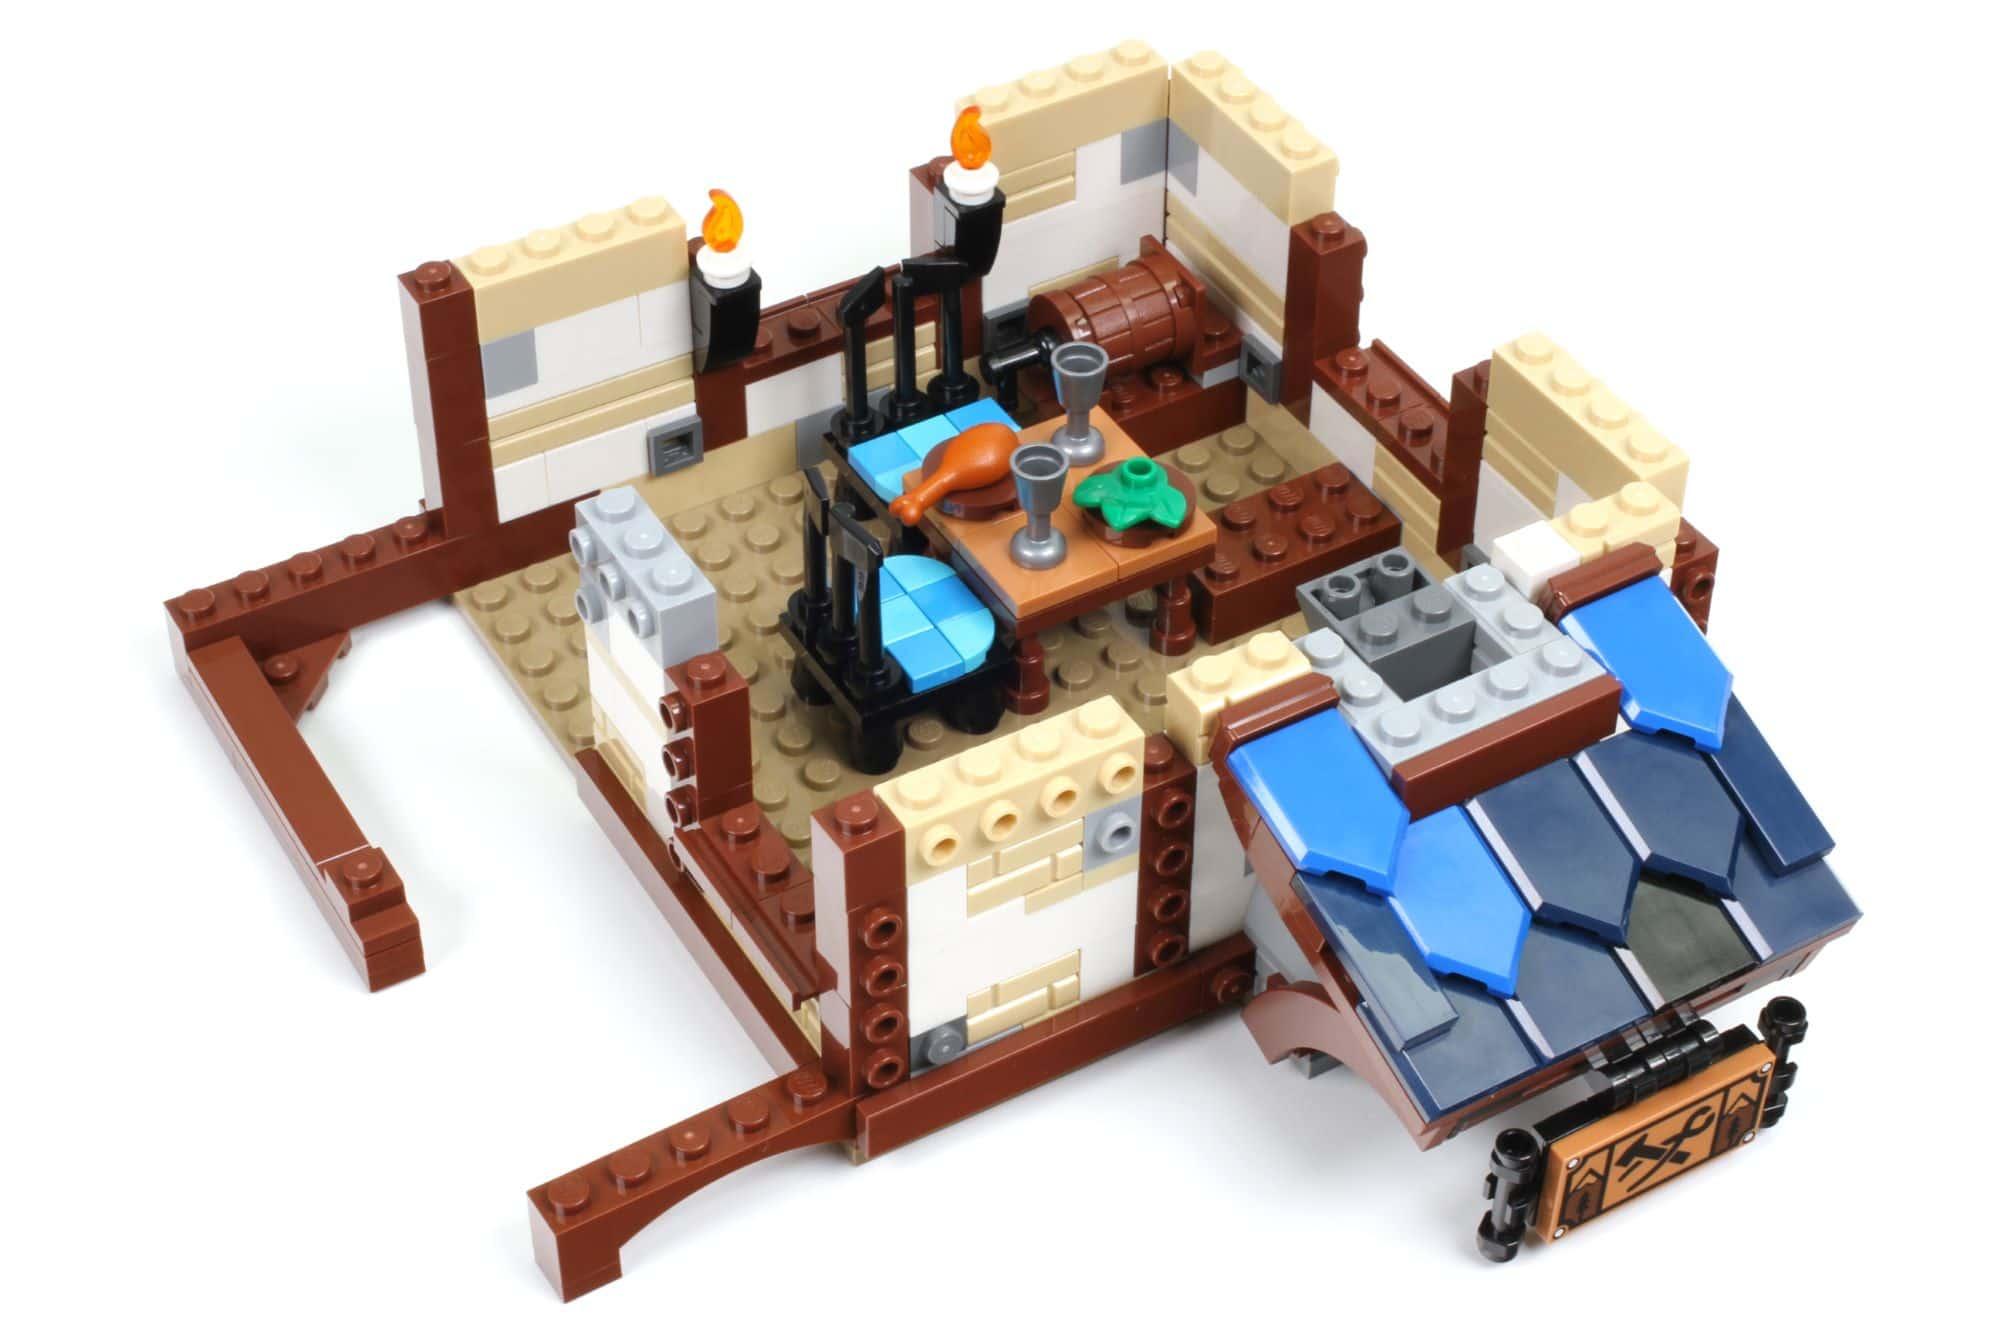 LEGO Ideas 21325 Mittelalterliche Schmiede Bauabschnitt 7 1